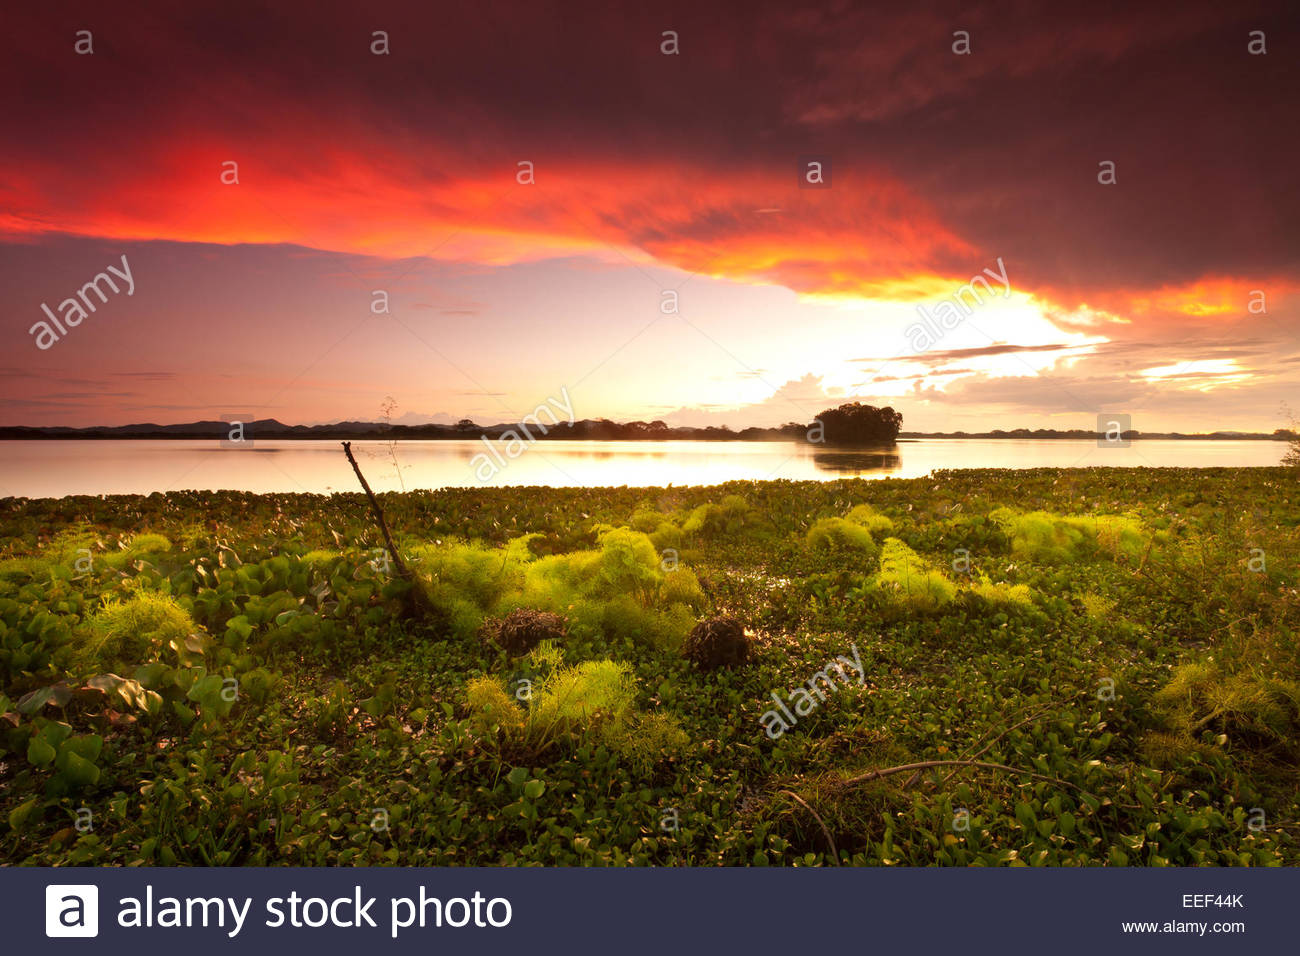 Colorido del cielo al atardecer en la orilla del lago del Refugio de Vida Silvestre Reserva natural Cienage las macanas, República de Panamá. Foto de stock